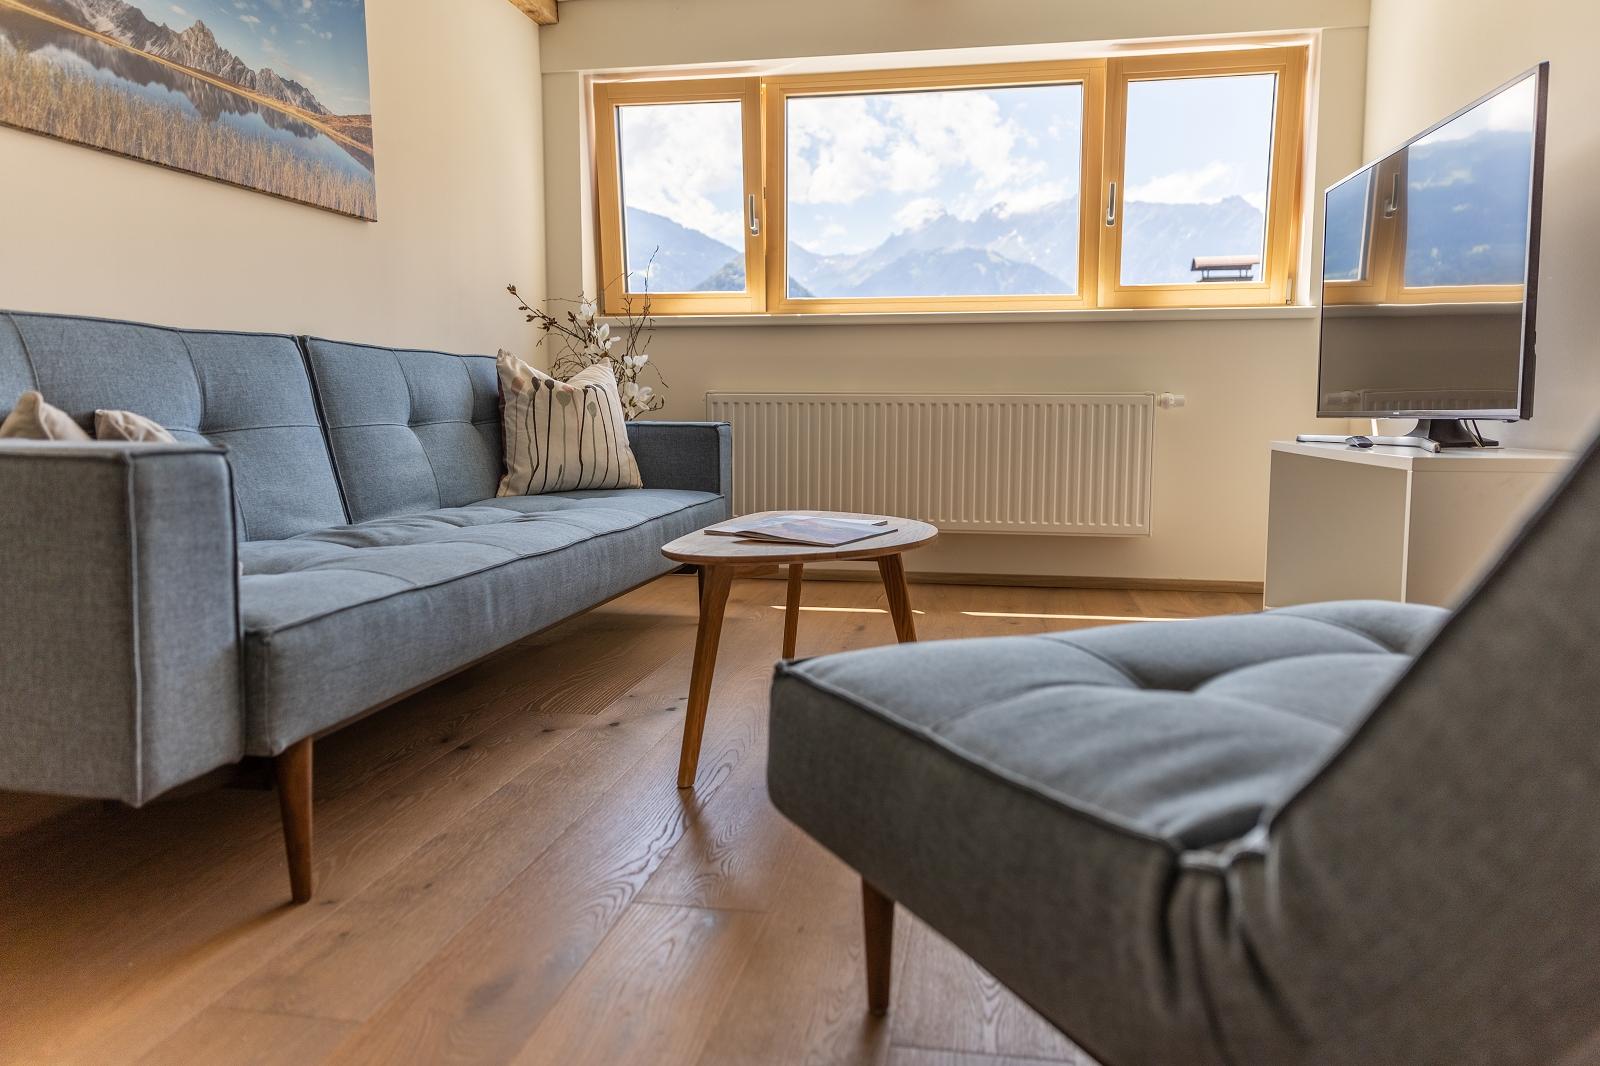 Villa Blau Apartement 5 Wohnzimmer